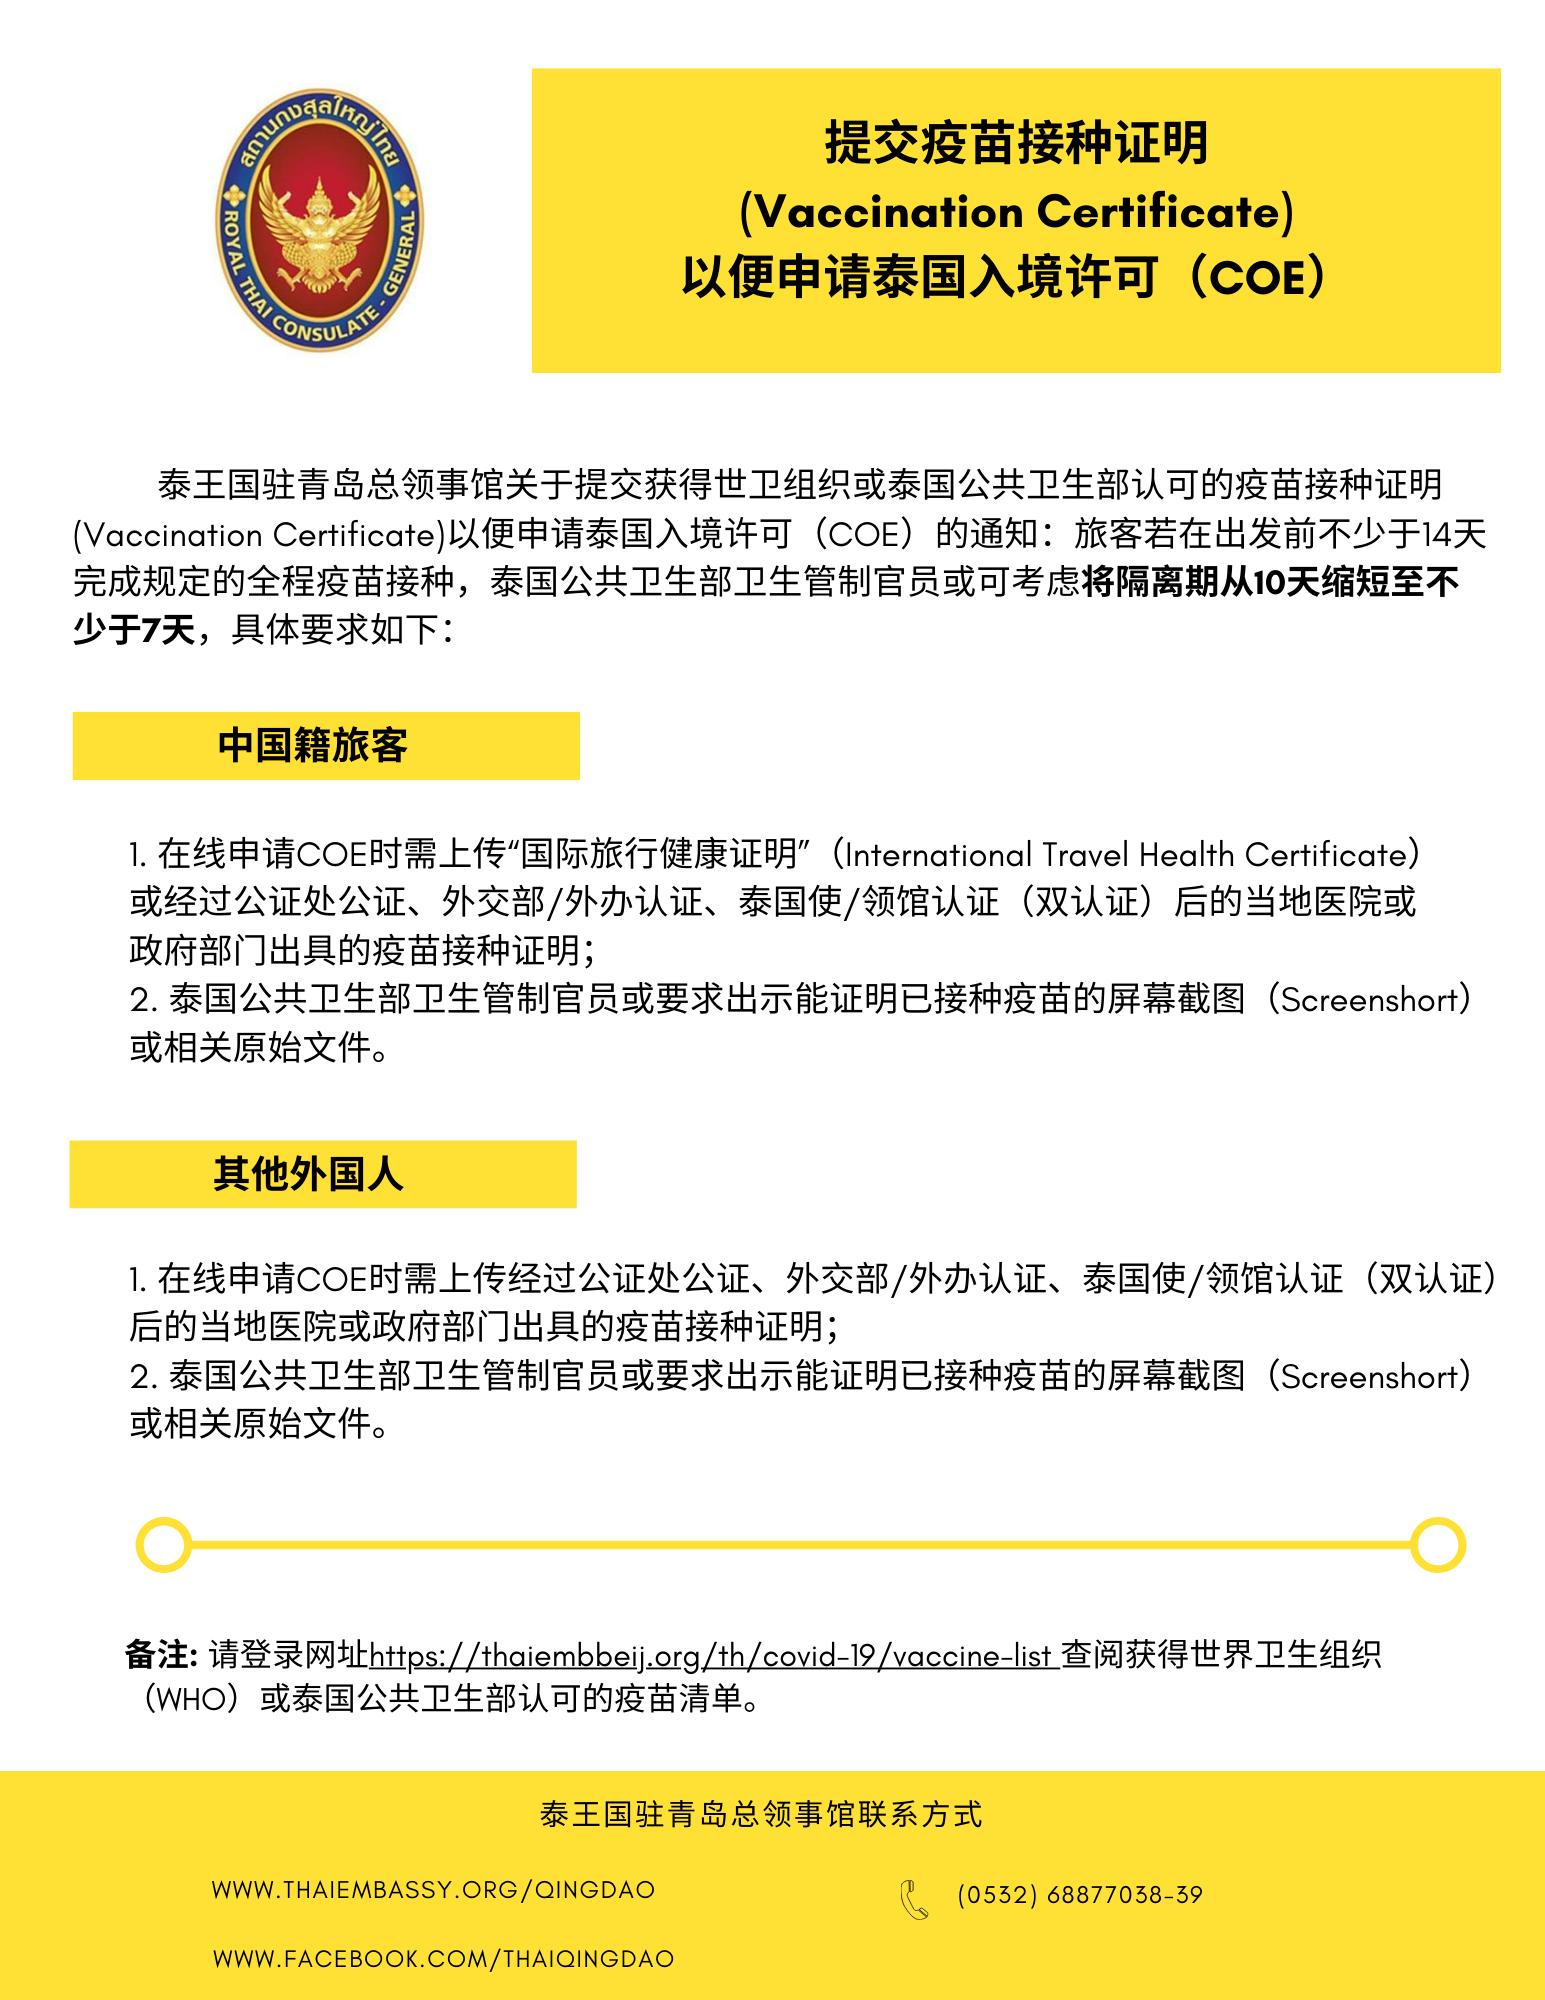 8._การยื่น_VaCCINE_Certificate_ประกอบการขอ_COE_-_CH